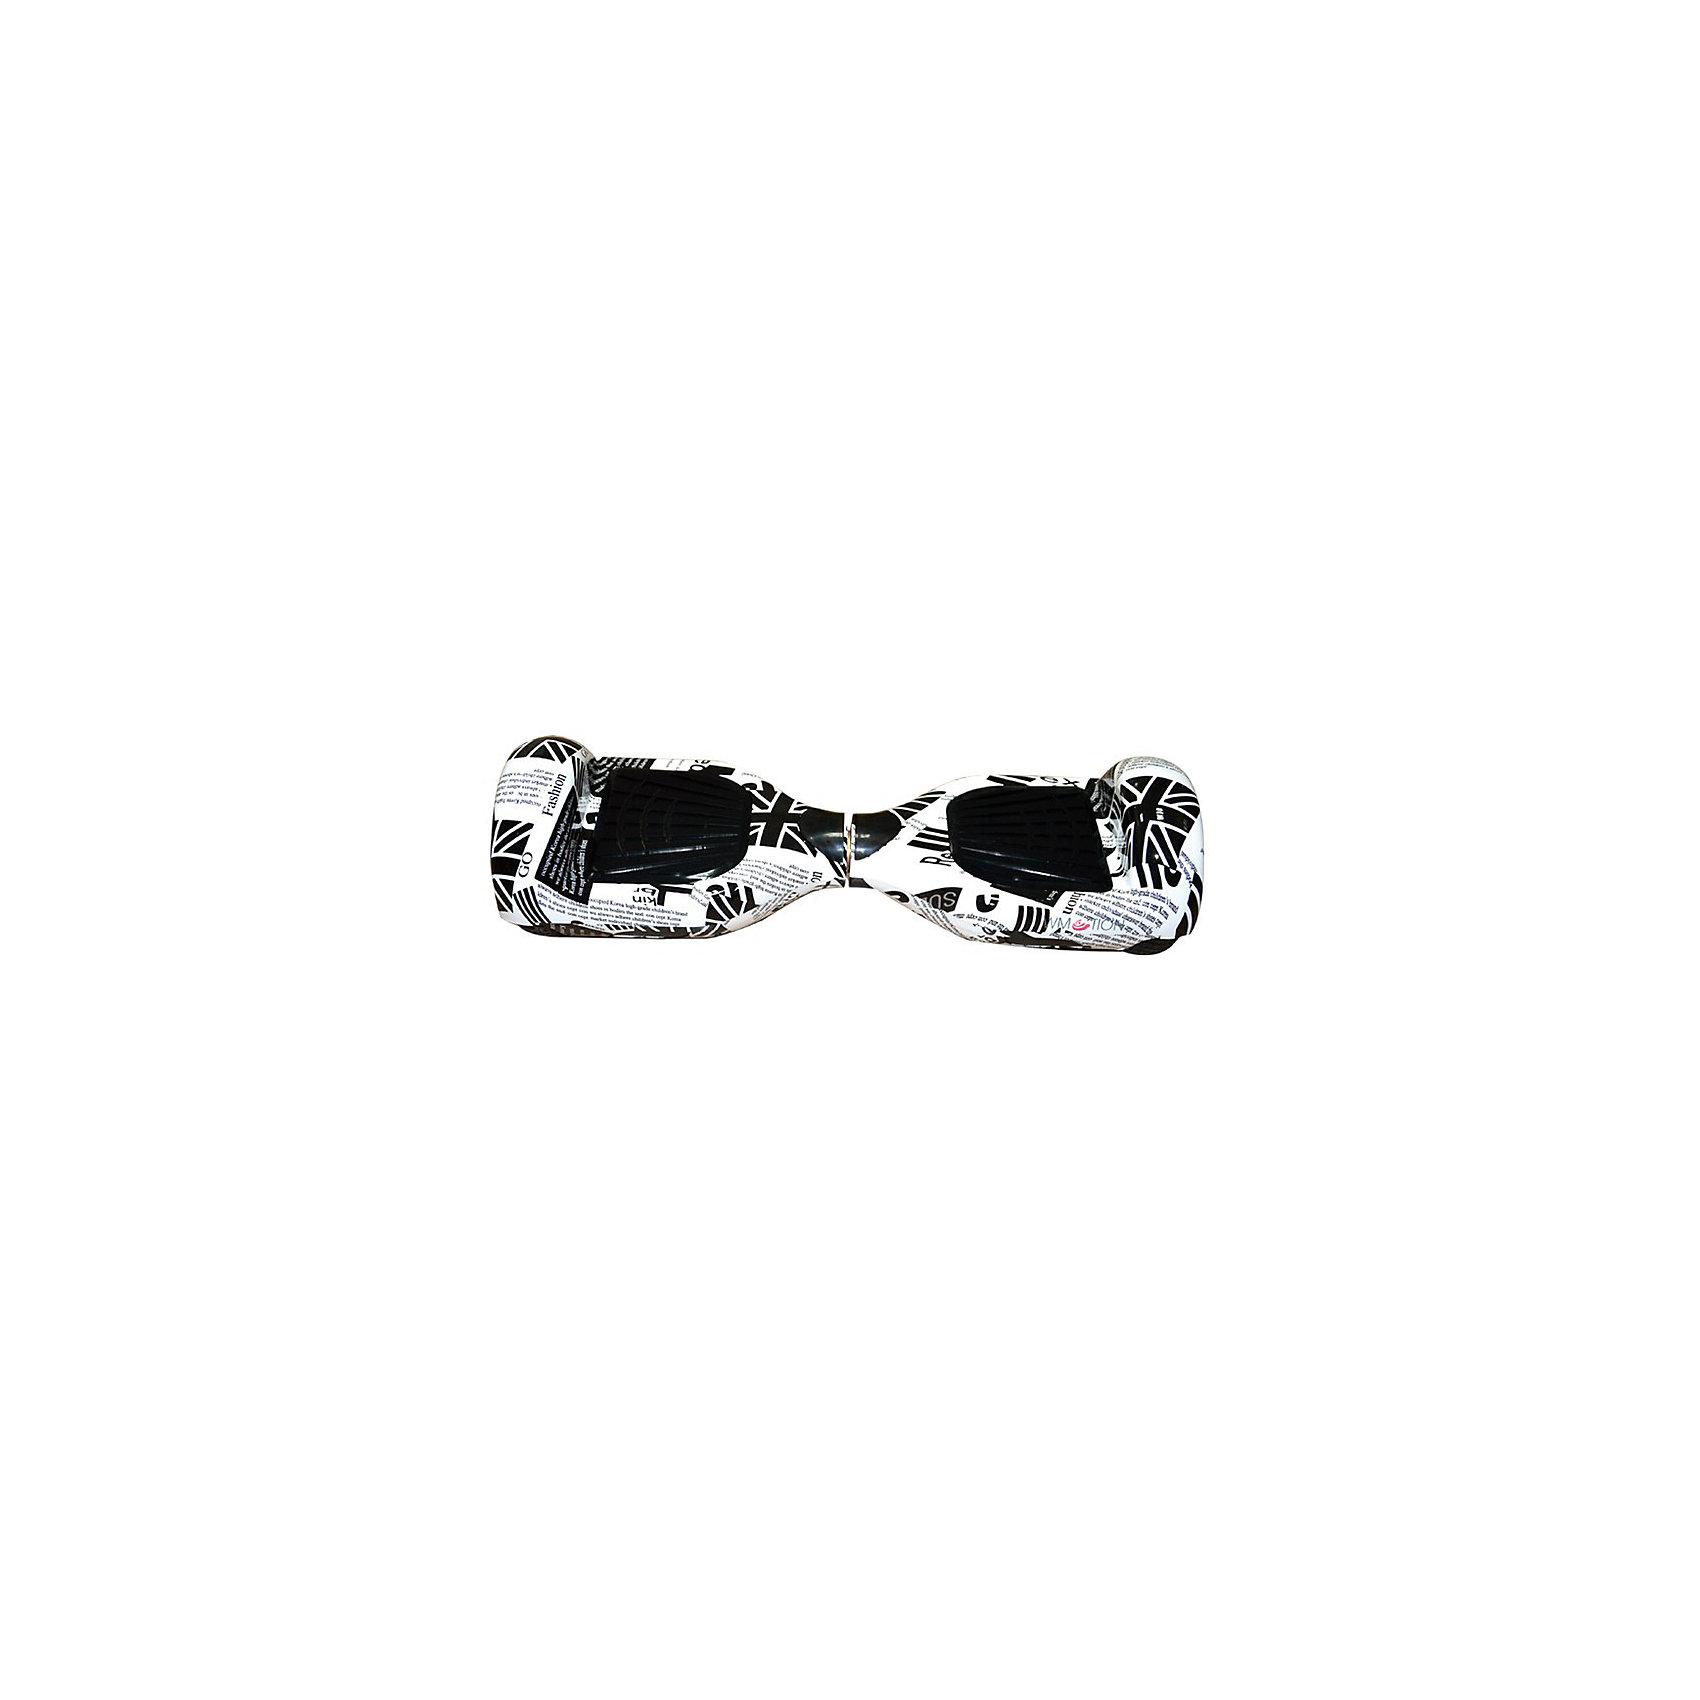 Гироскутер, флаг, WMOTIONГироскутеры<br>Характеристики товара:<br><br>• материал: пластик, металл<br>• размер: 16х58х17 см<br>• комплектация: гироскутер, зарядка, сумка, инструкция по эксплуатации, гарантийный талон, коробка<br>• цвет: черный, белый<br>• диаметр колёс: 6,5 дюймов<br>• максимальная нагрузка: 100 кг<br>• максимальная скорость – 10 км/ч <br>• максимальное расстояние, которое можно проехать на одном заряде: 20 км <br>• мощность электродвигателя: 0.35 кВт<br>• ёмкость аккумулятора: 4 400 мАч<br>• время, необходимое для полной зарядки аккумулятора: 90 мин<br>• стильный дизайн<br>• вес: 10 кг<br>• страна производитель: Китай<br>• страна бренда: Китай<br><br>Один из самых модных на настоящий моментов вид передвижения - это гироскутер. Он эффектно выглядит, позволяет ехать со скоростью выше, чем у пешеходов, но при этом достаточно безопасной для владельца. Управлять таким средством передвижения достаточно просто: нужно всего лишь переносить вес тела в определенное направление.<br><br>Такой гироскутер достаточно быстро заряжается, он не много весит. Модель уже пользуется популярностью в западных странах. Она действительно стильно выглядит, особенно в темноте с подсветкой, и позволяет выполнять эффектные трюки!<br><br>Гироскутер, флаг, от популярного бренда WMOTION можно купить в нашем интернет-магазине.<br><br>Ширина мм: 170<br>Глубина мм: 170<br>Высота мм: 580<br>Вес г: 10000<br>Возраст от месяцев: 60<br>Возраст до месяцев: 192<br>Пол: Унисекс<br>Возраст: Детский<br>SKU: 5482380